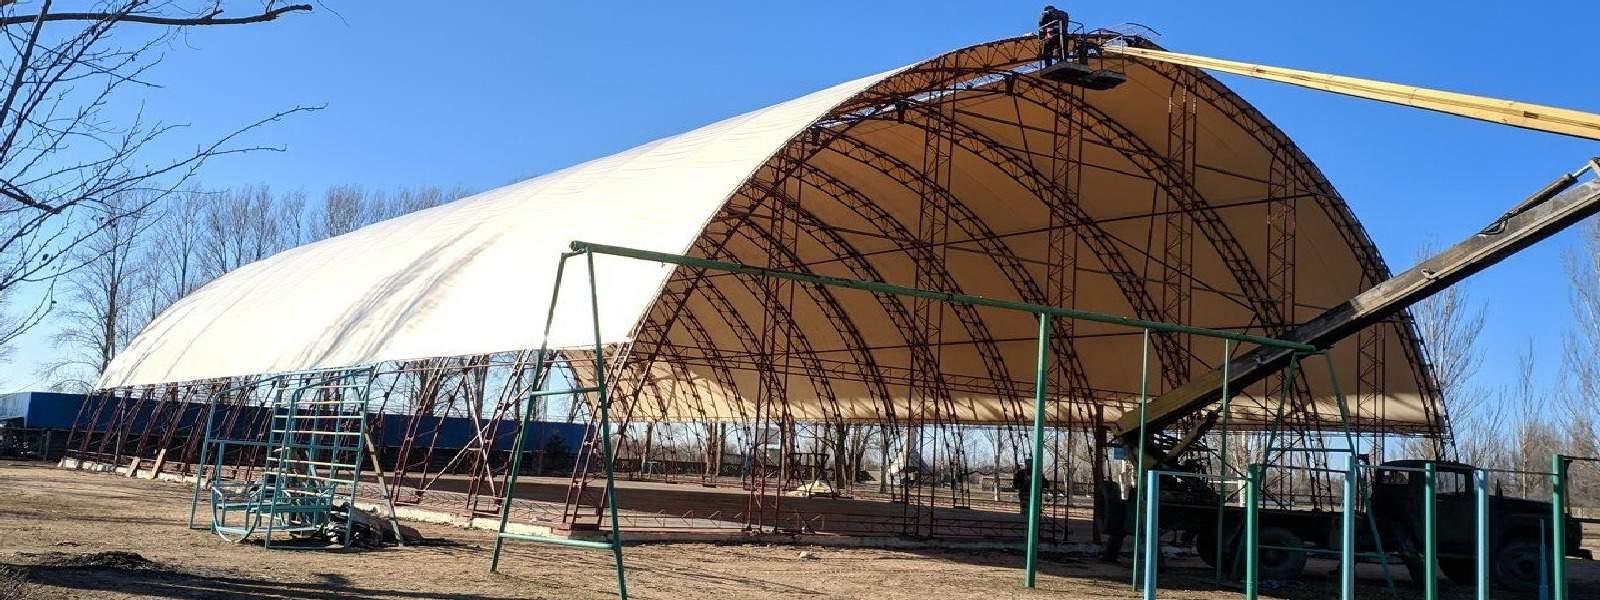 Будівництво першого на узбережжі Азовського моря КРИТОГО СПОРТИВНОГО ЗАЛУ